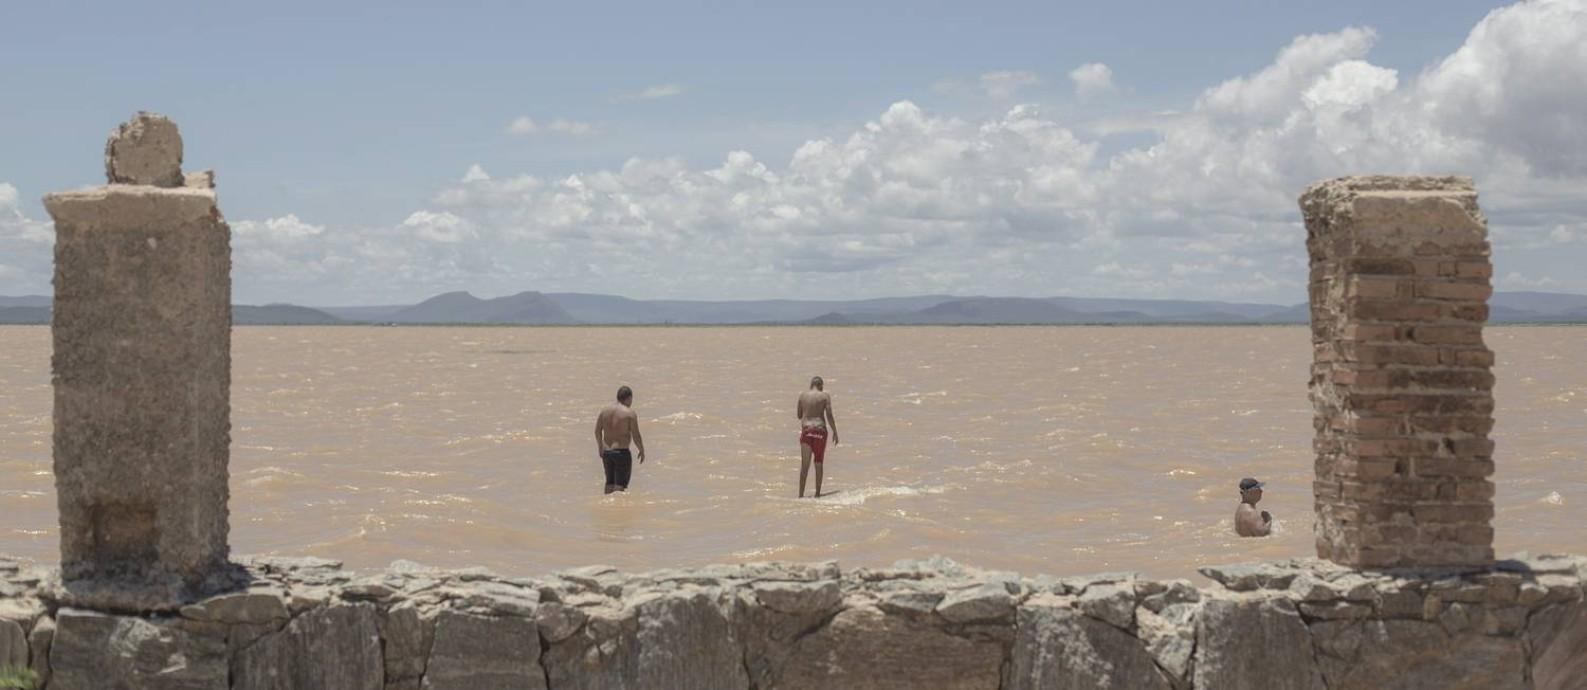 Morre um dos mais populares mitos brasileiros: o da abundância de água Foto: Daniel Marenco / Agência O Globo